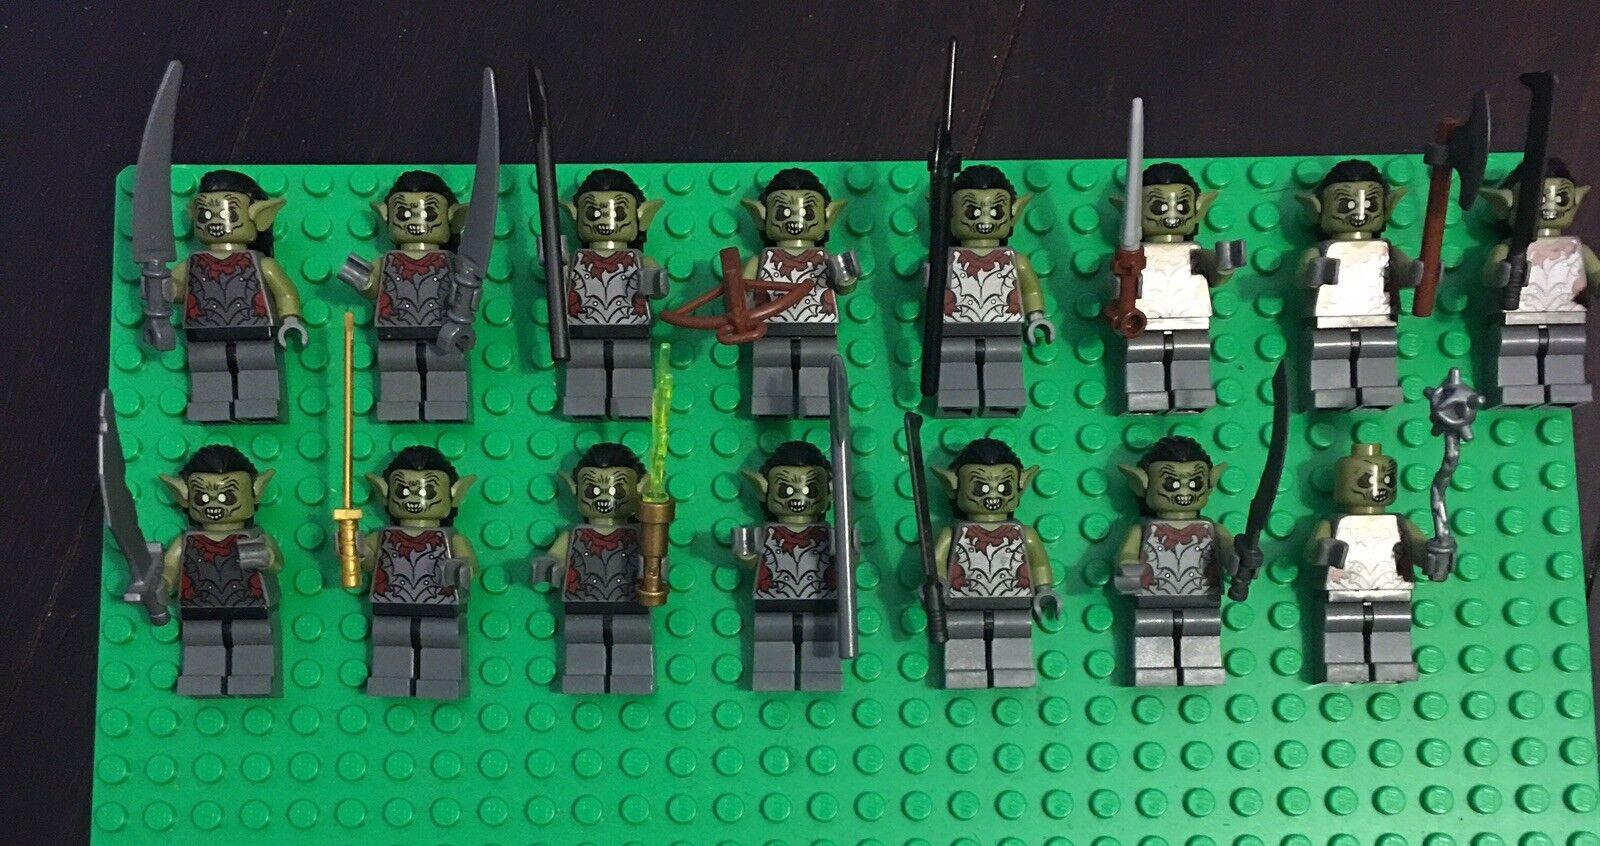 Lego herr der ringe minifigures menge